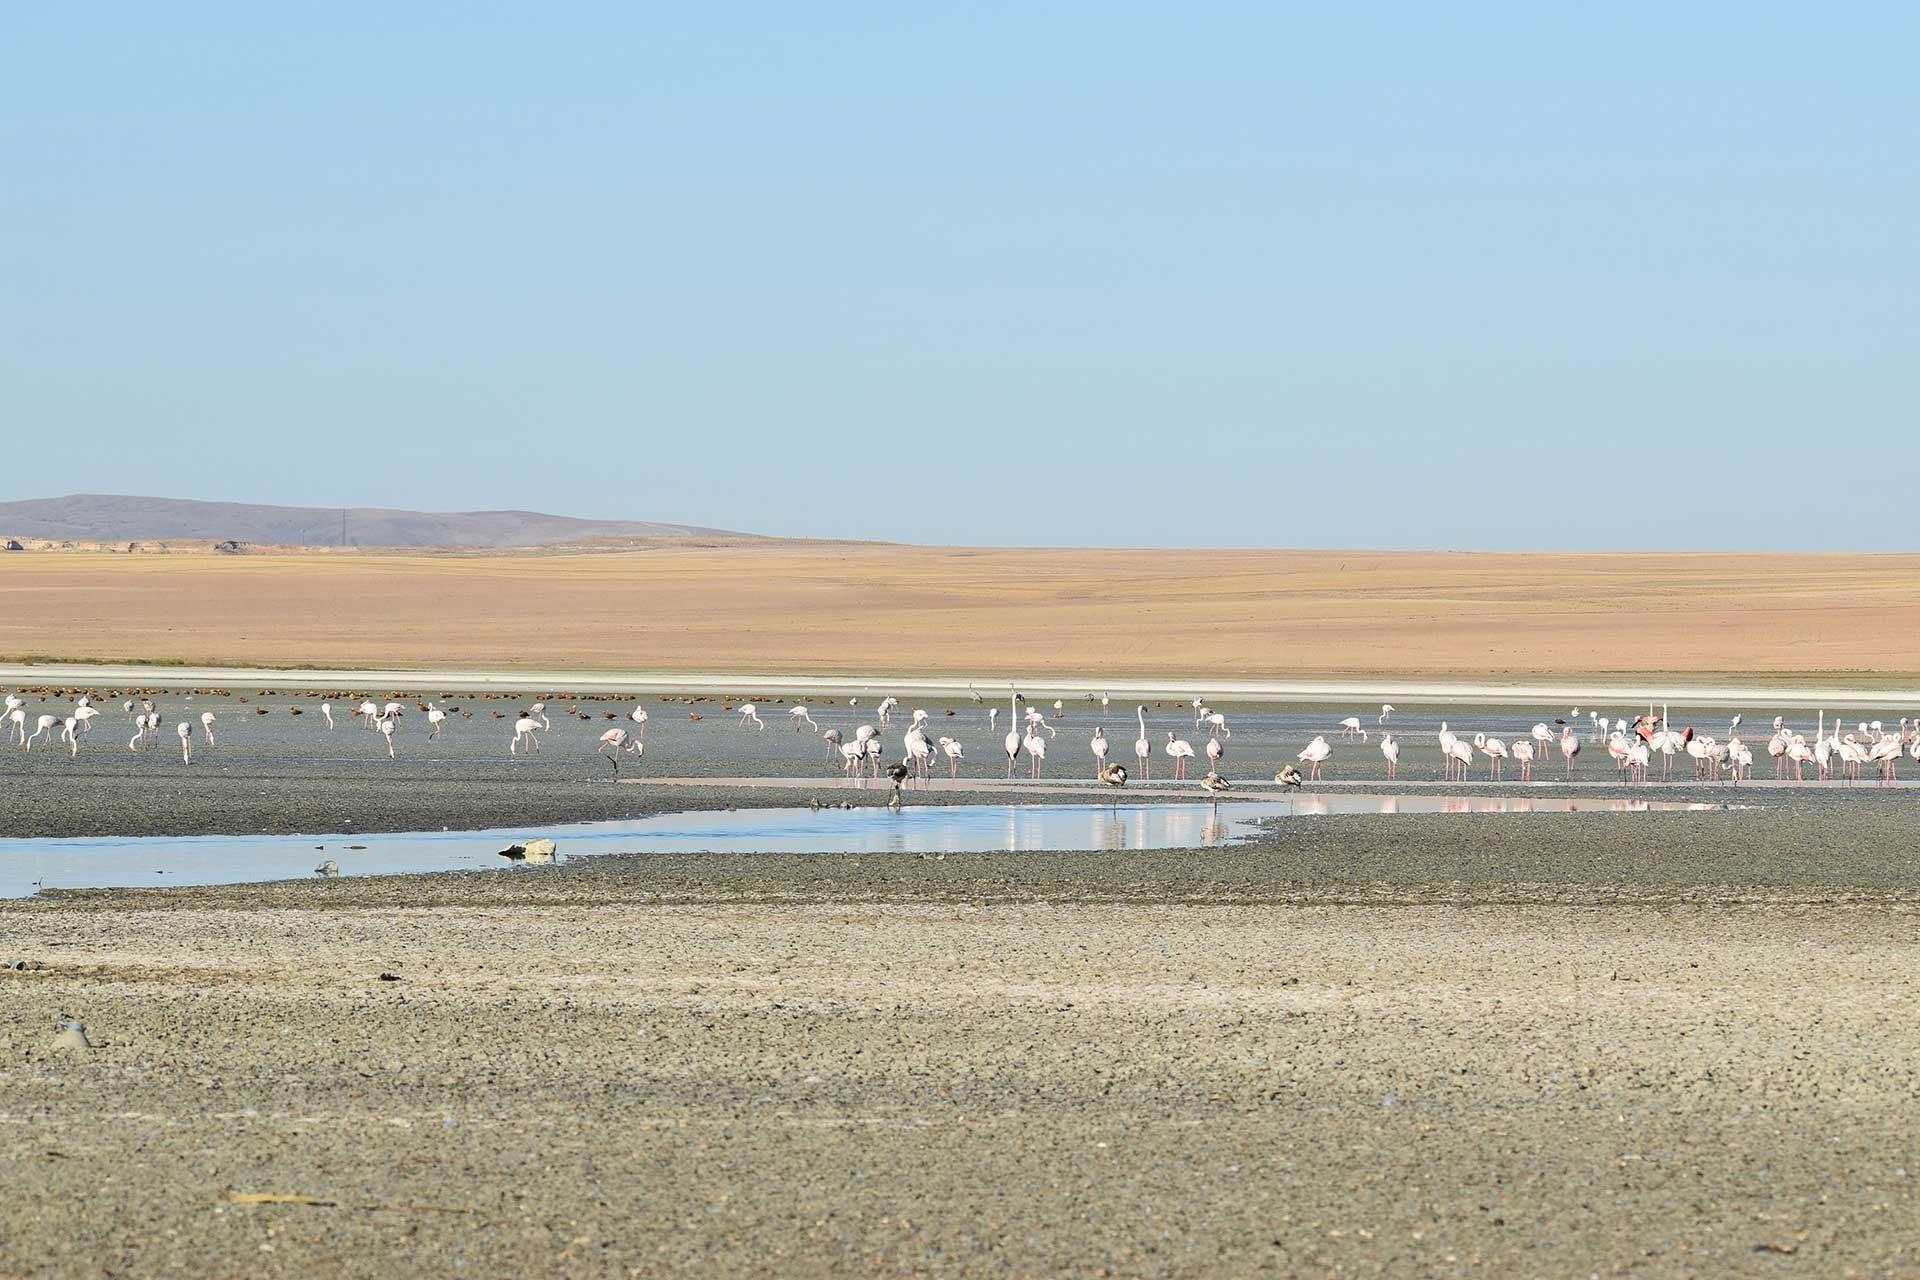 Flamingoların yaşam alanı daralıyor: Düden Gölü'nde kuraklık yaşanıyor